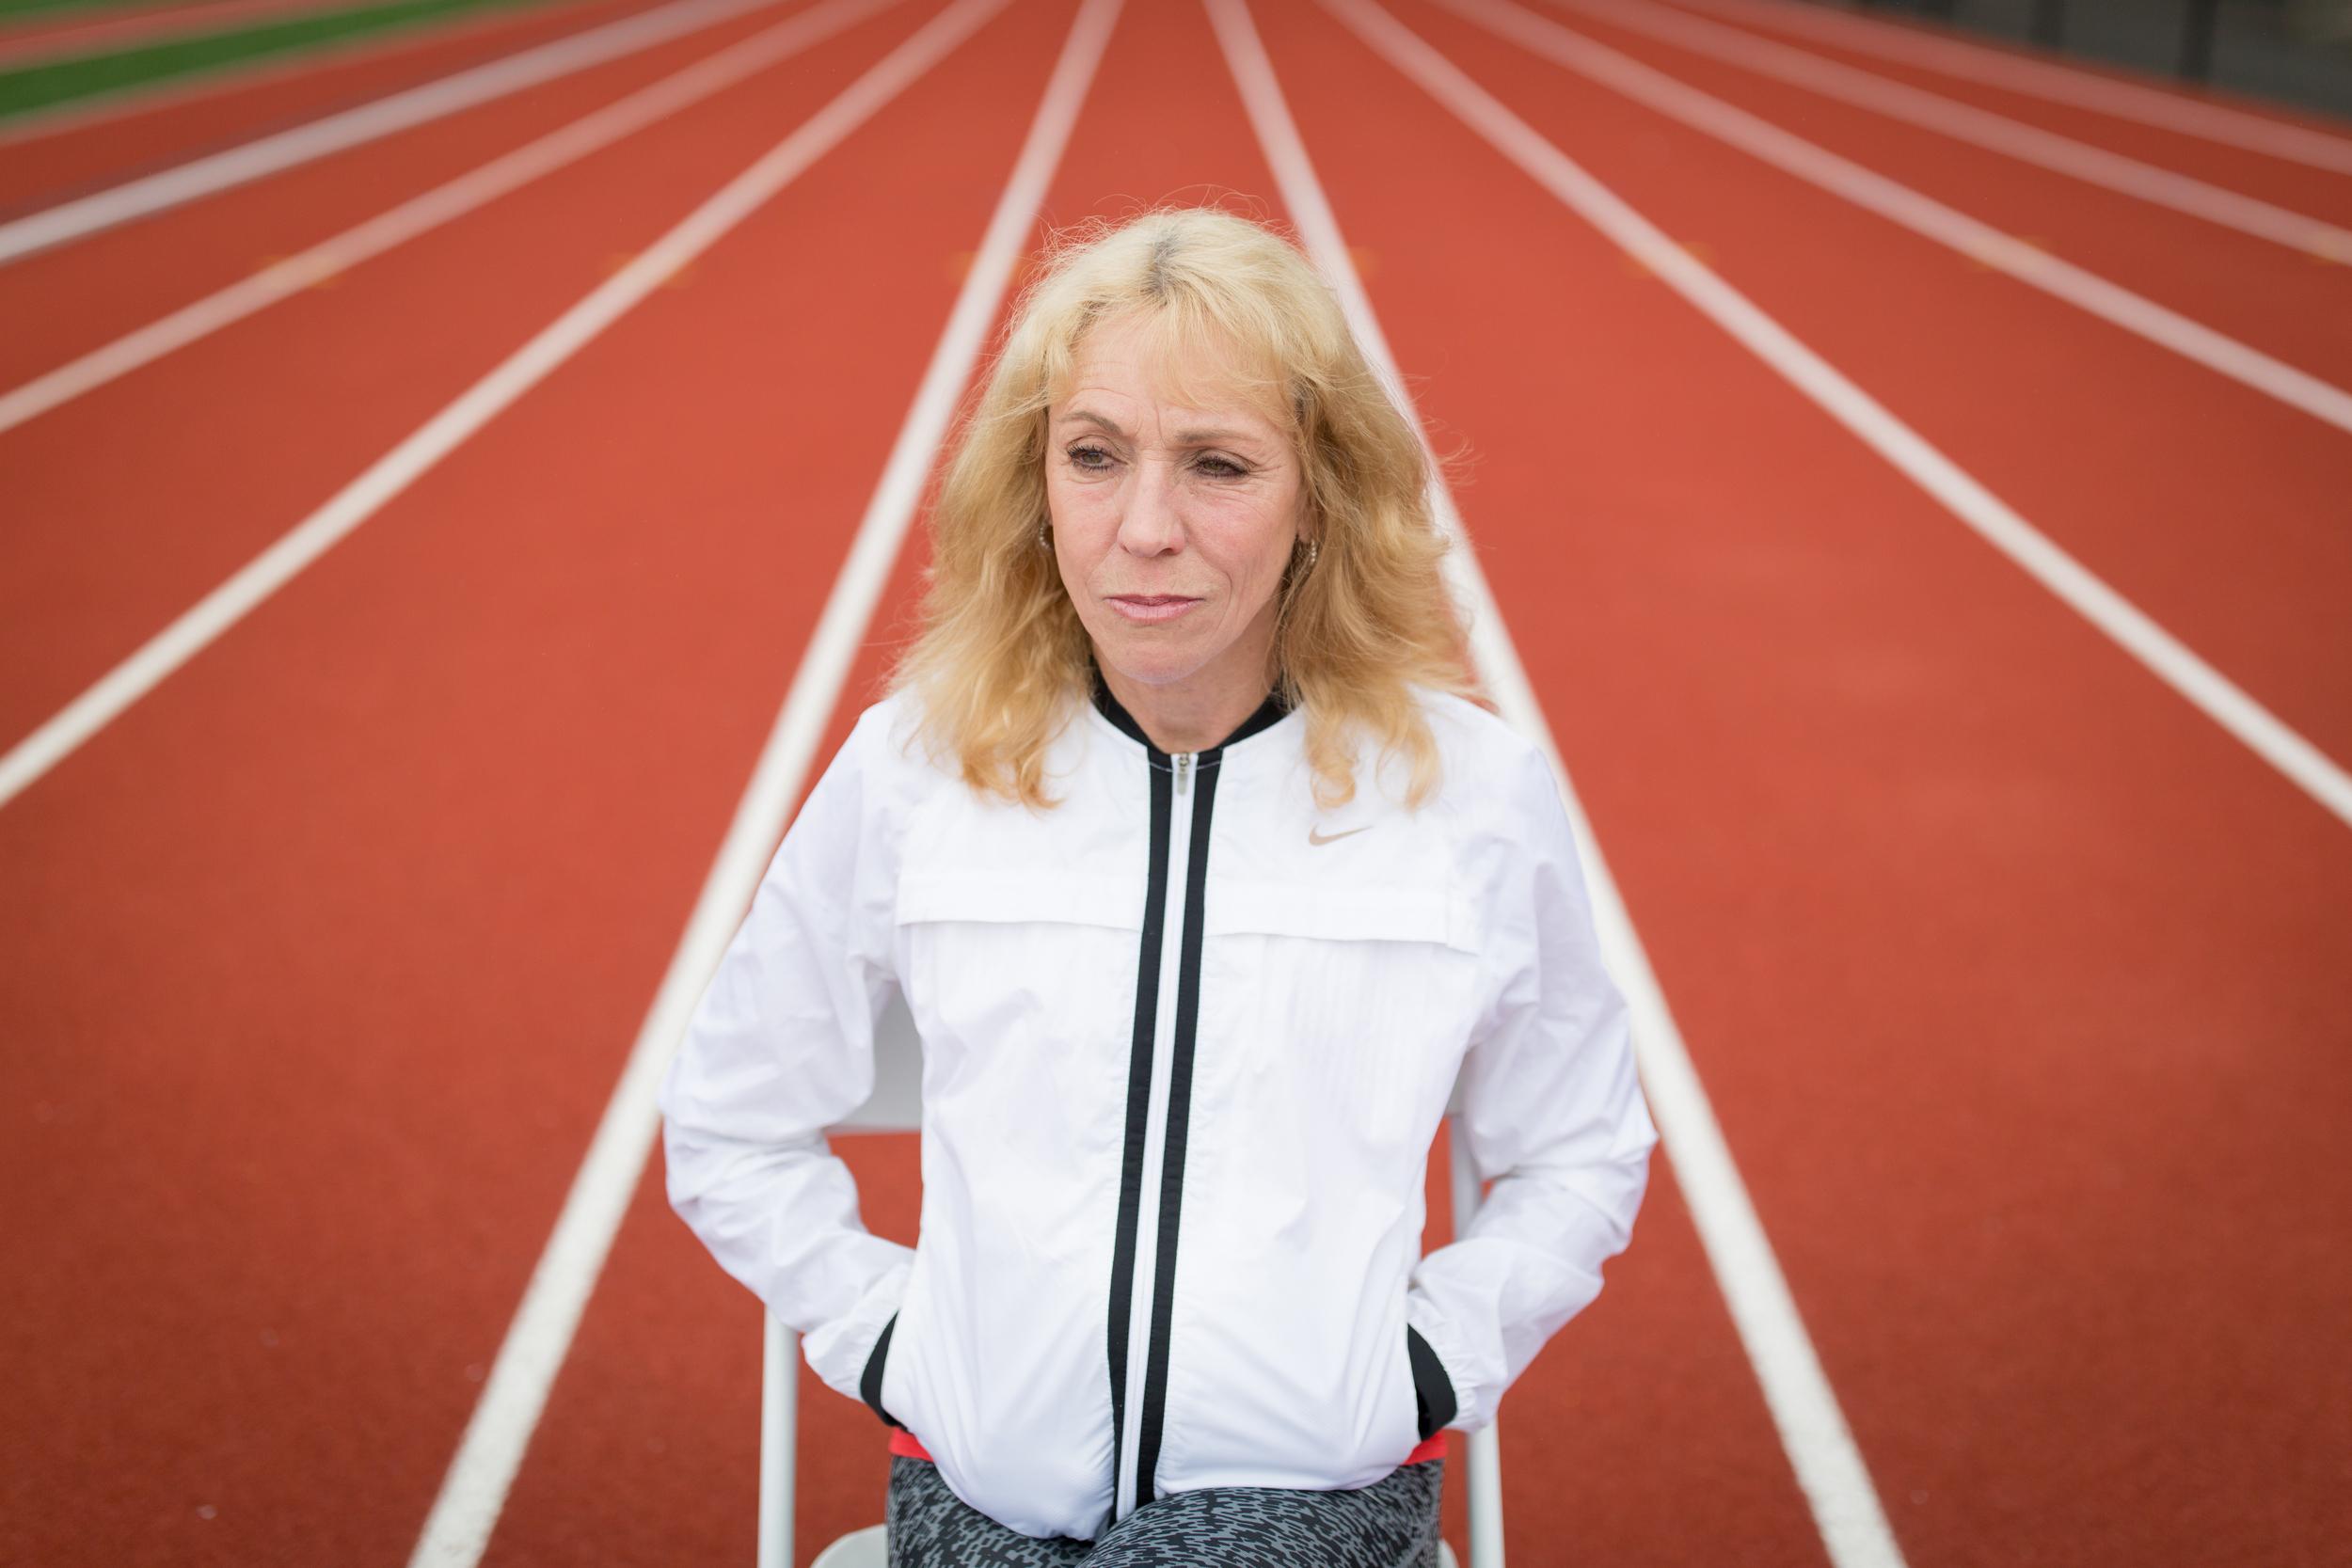 Mary Decker on running track 1.jpg